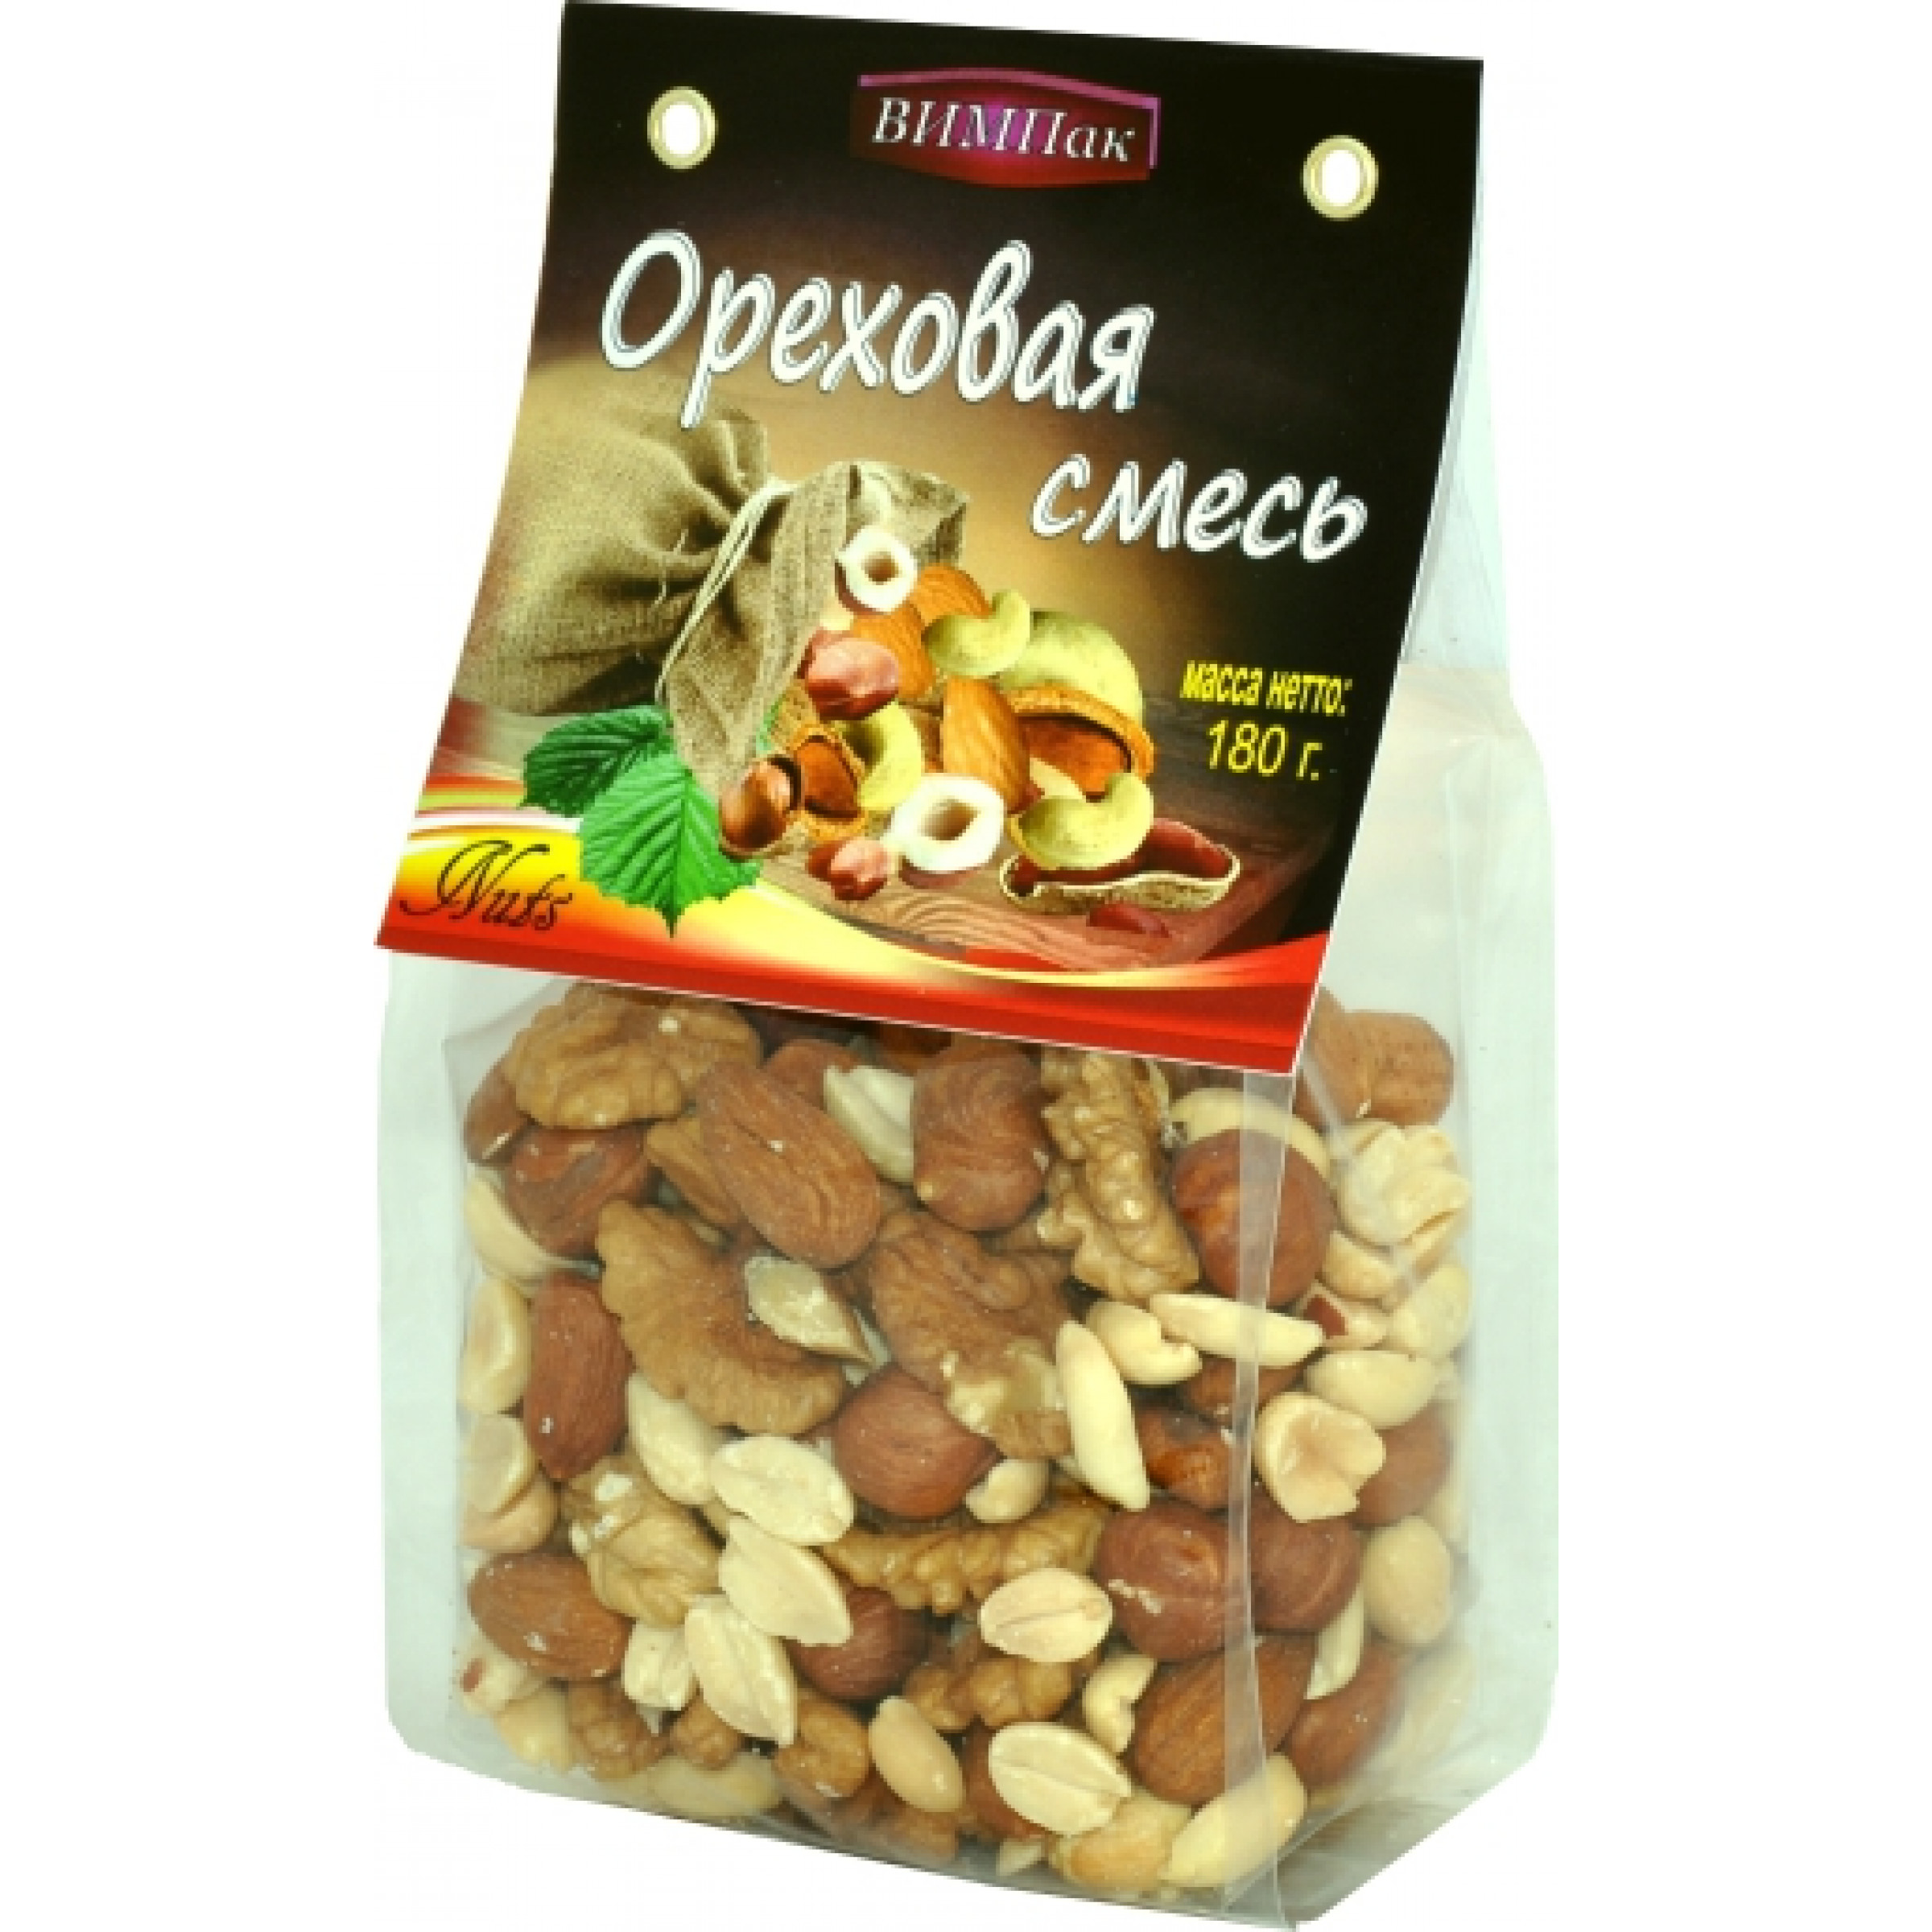 Ореховый микс ВИМПак смесь орехов (арахис, кешью, фундук, миндаль ) Автонов, 180гр